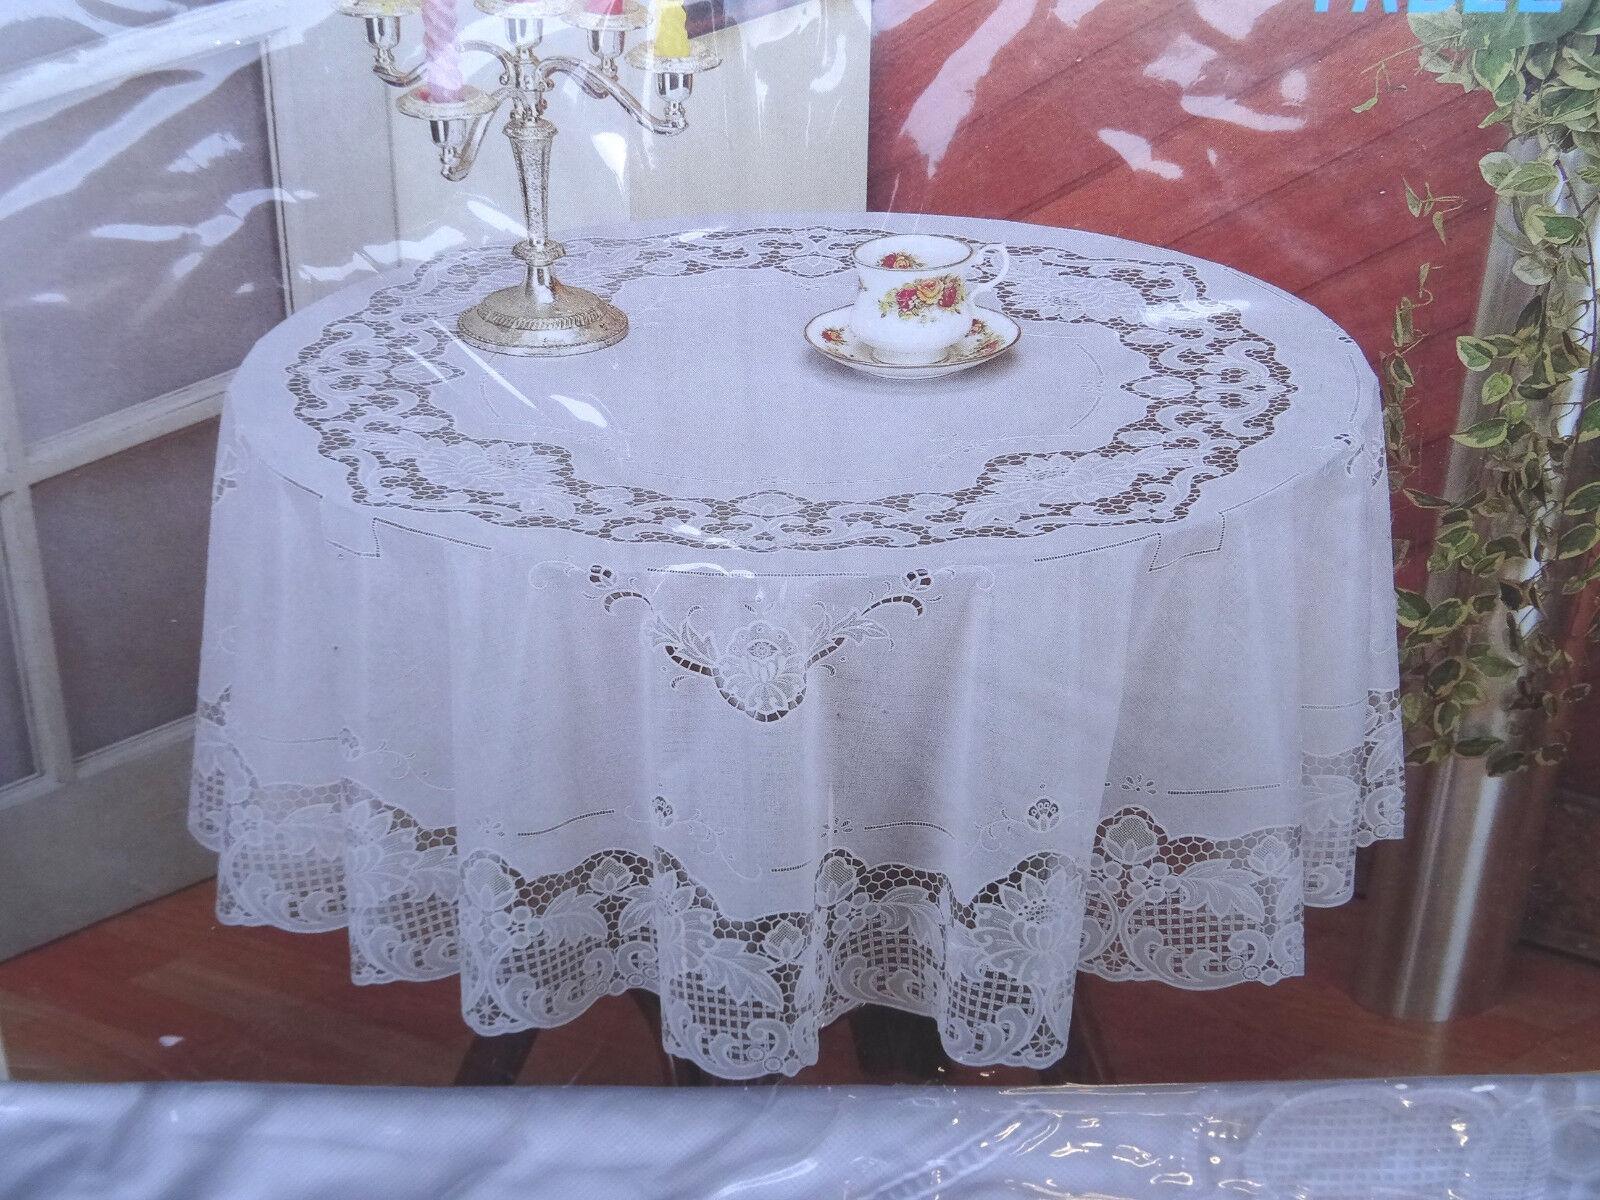 180 cm rund wei tischdecke rund schutzdecke balkon garten blumenmotiv vinyl ebay - Tischdecke garten ...